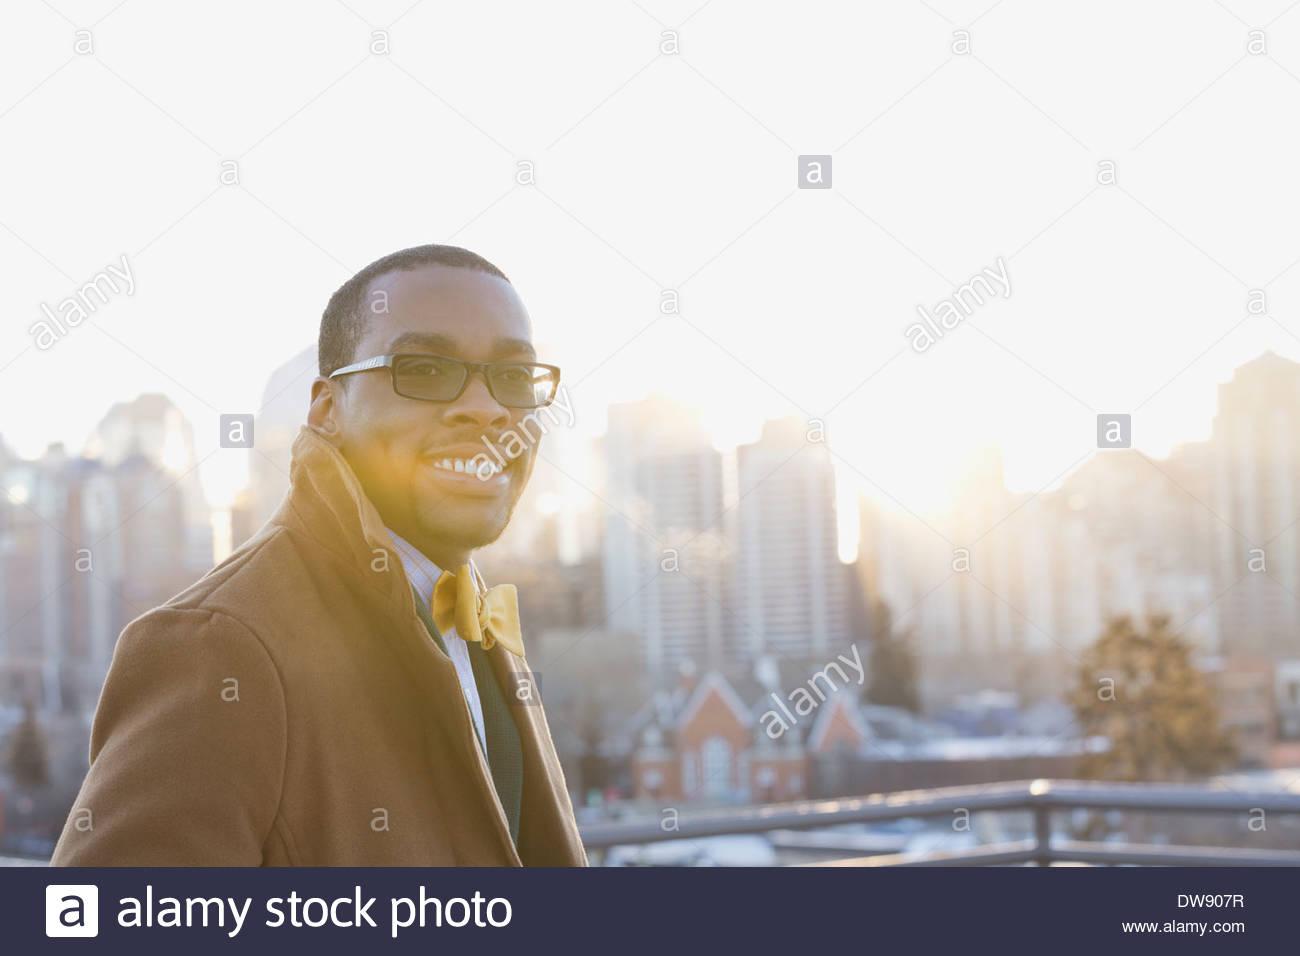 Retrato del hombre sonriente contra la ciudad Imagen De Stock